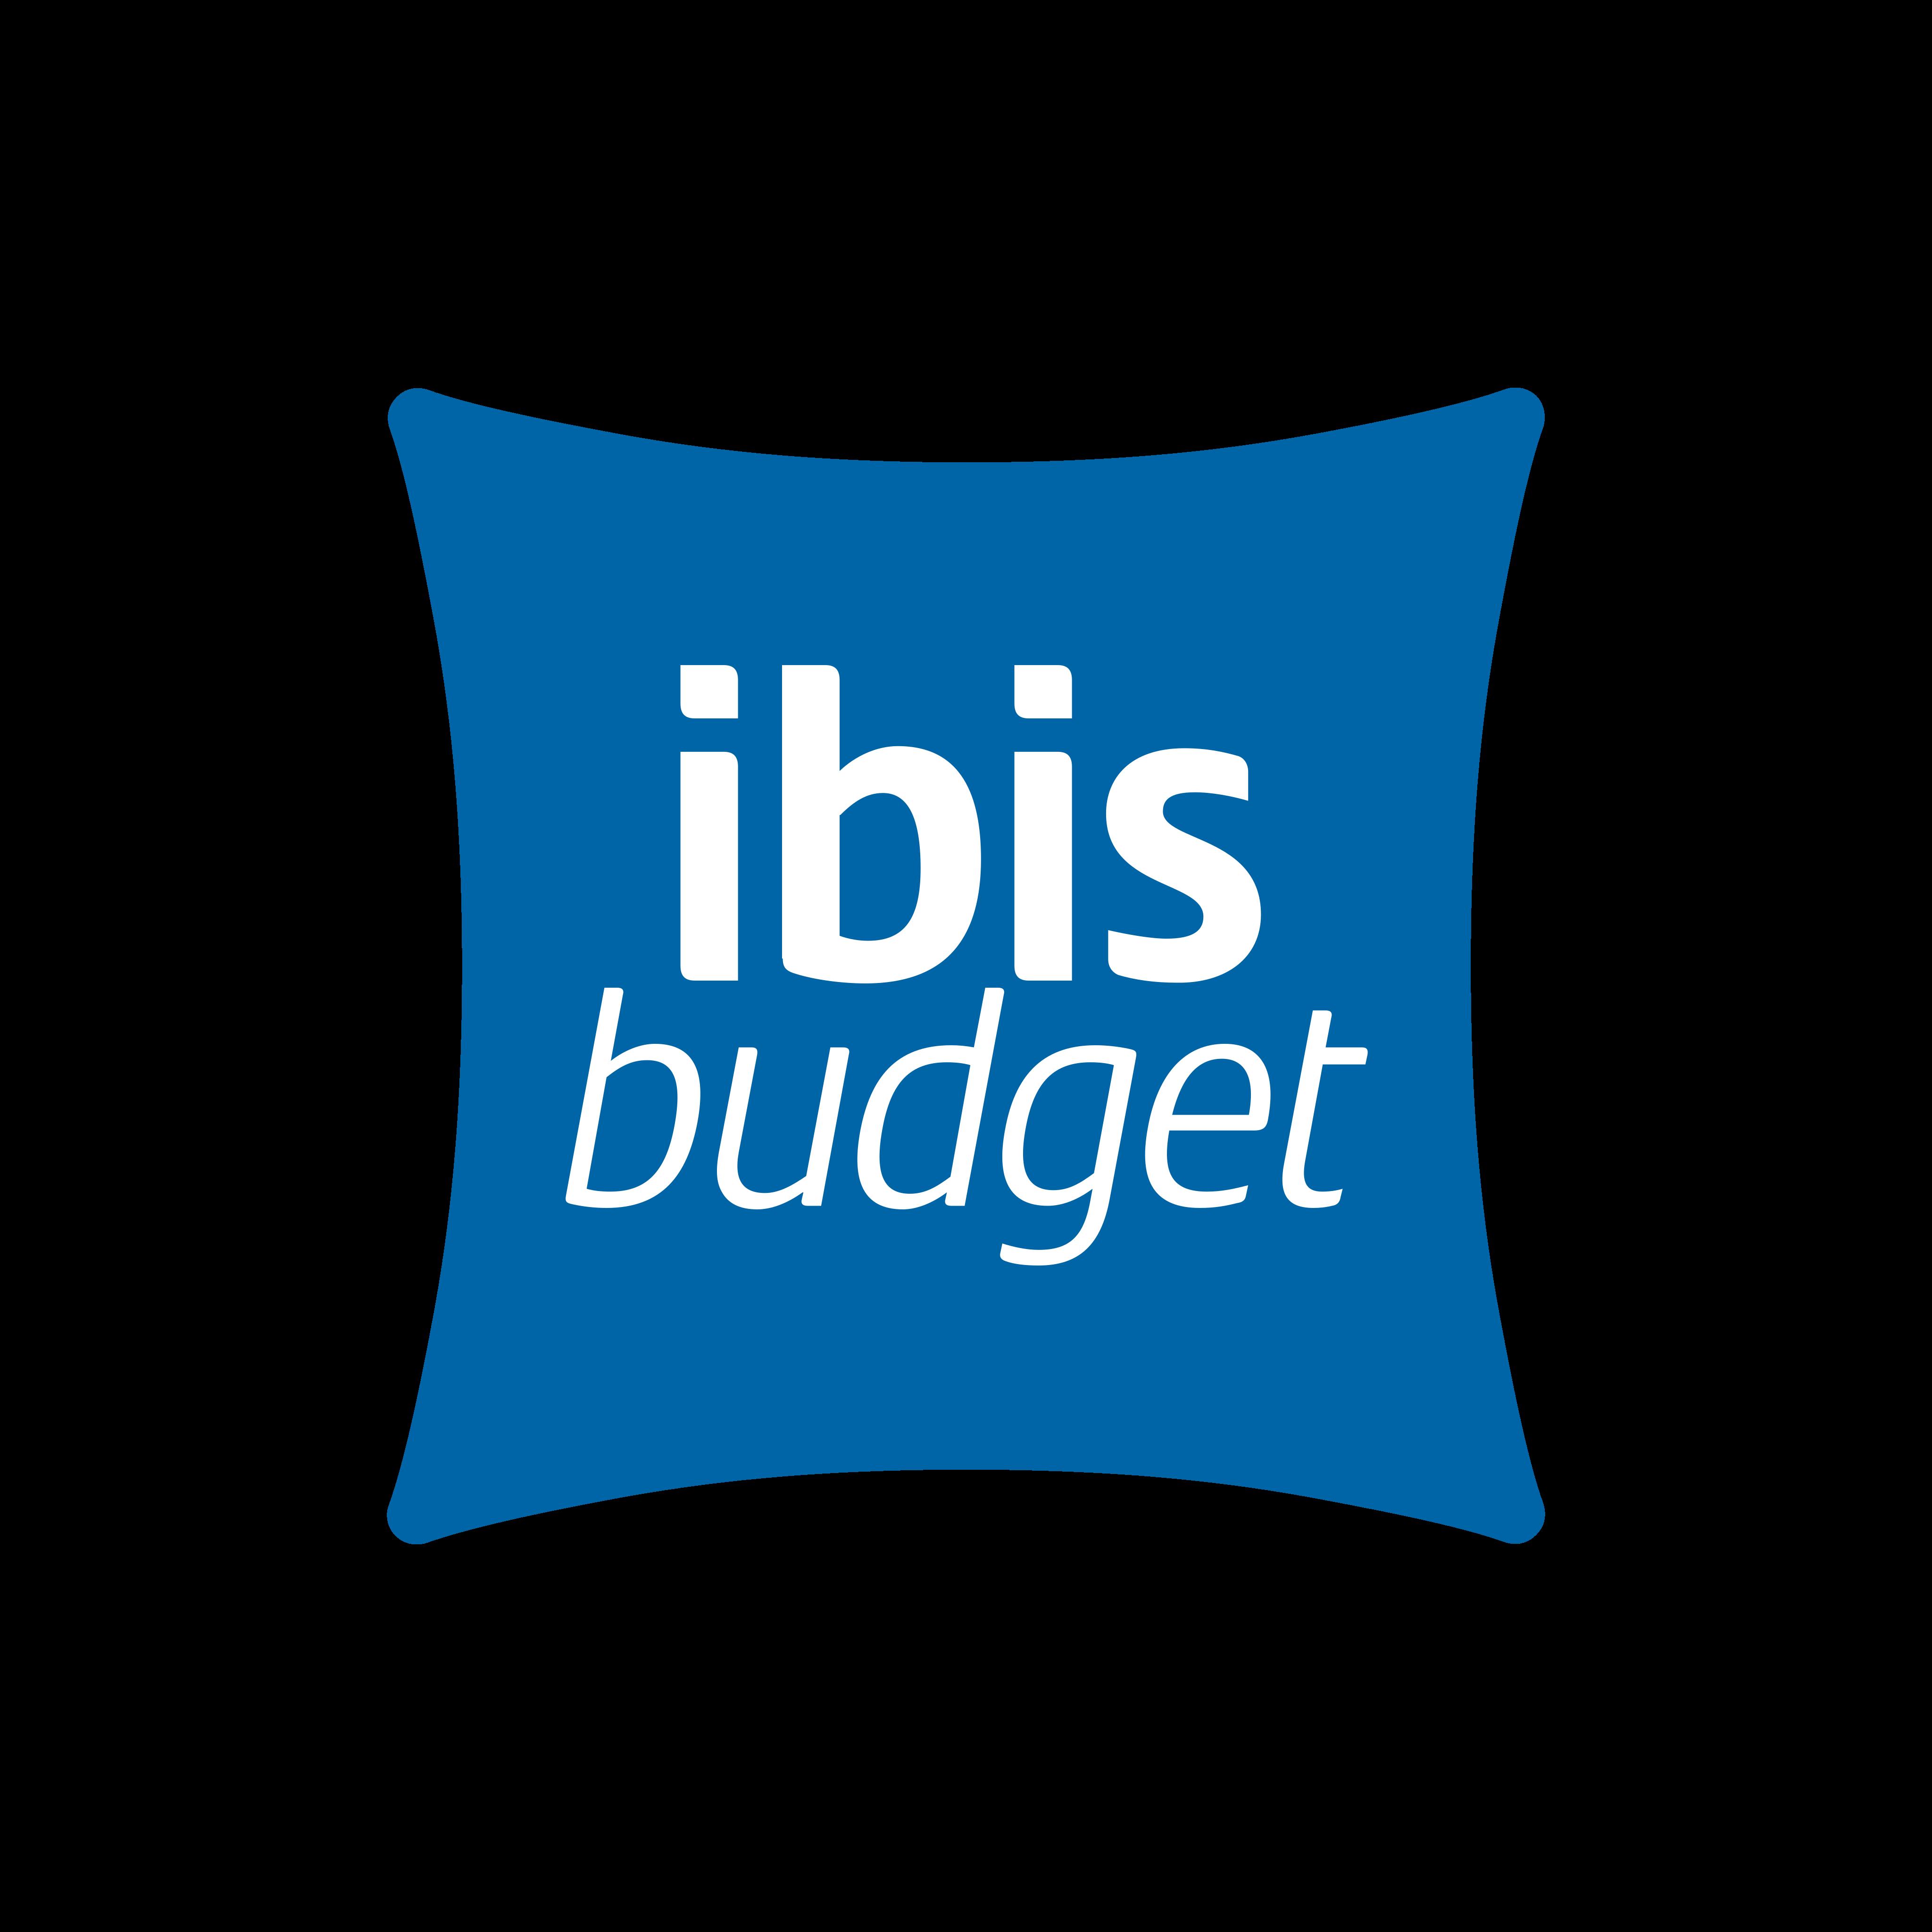 ibis-budget-logo-0